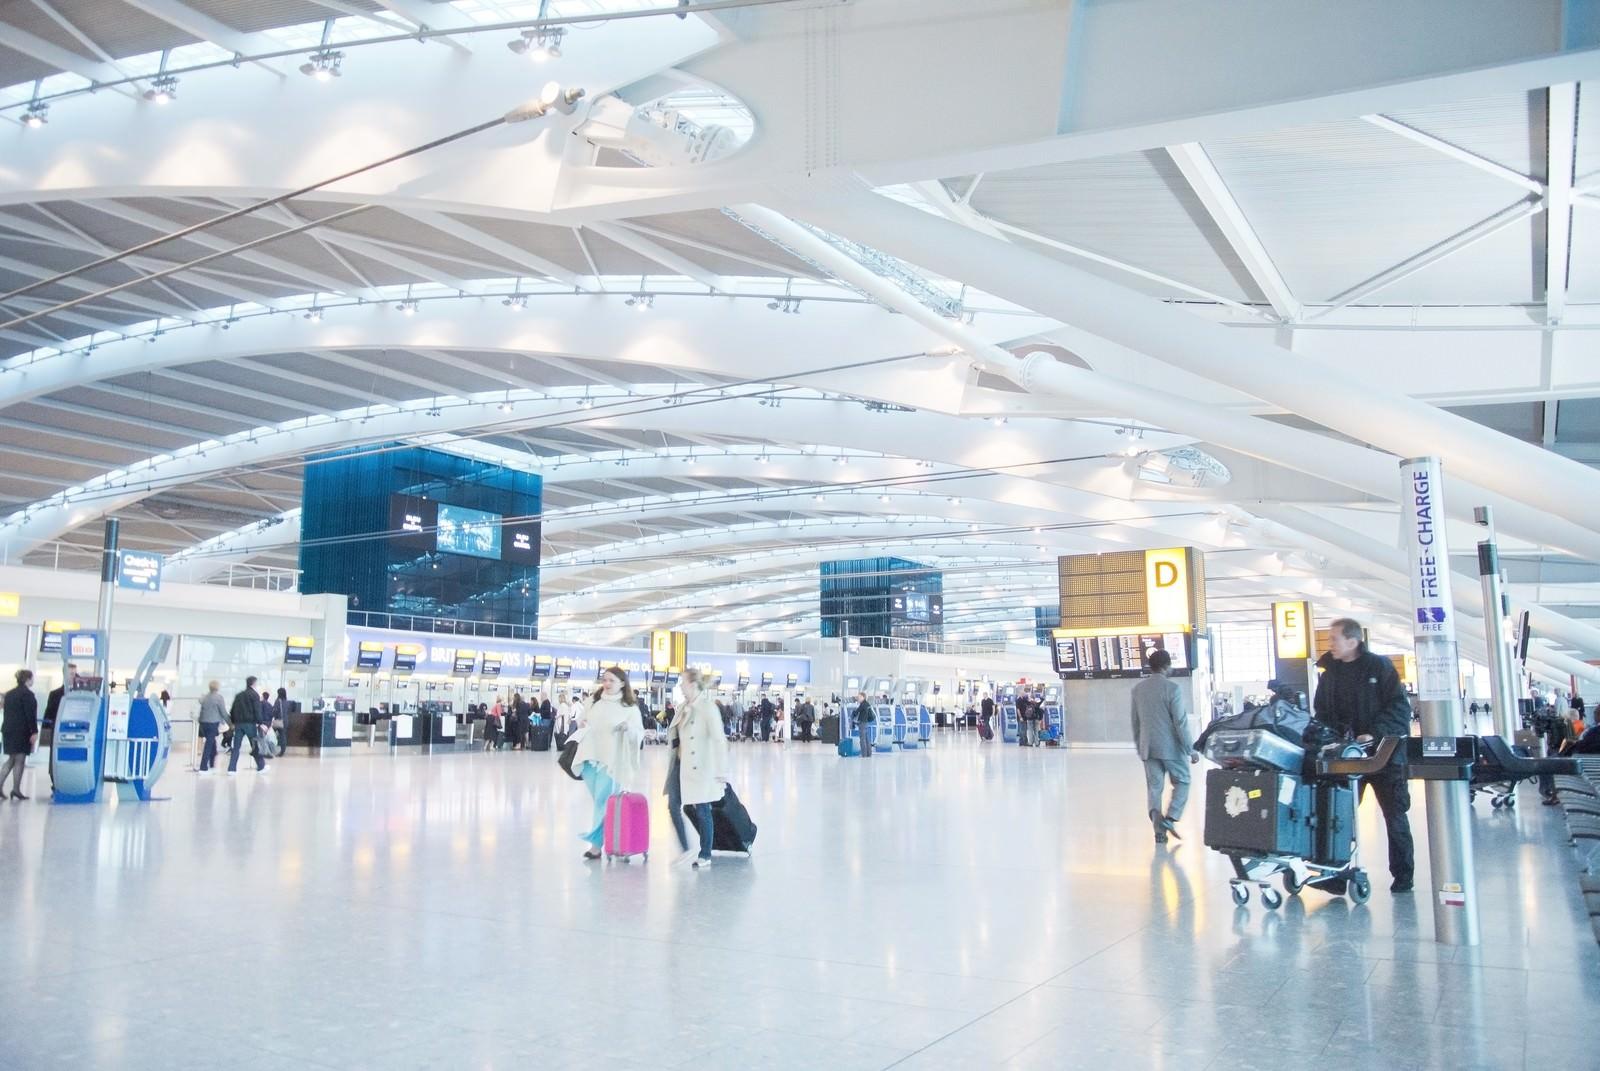 「ヒースロー空港のロビーヒースロー空港のロビー」のフリー写真素材